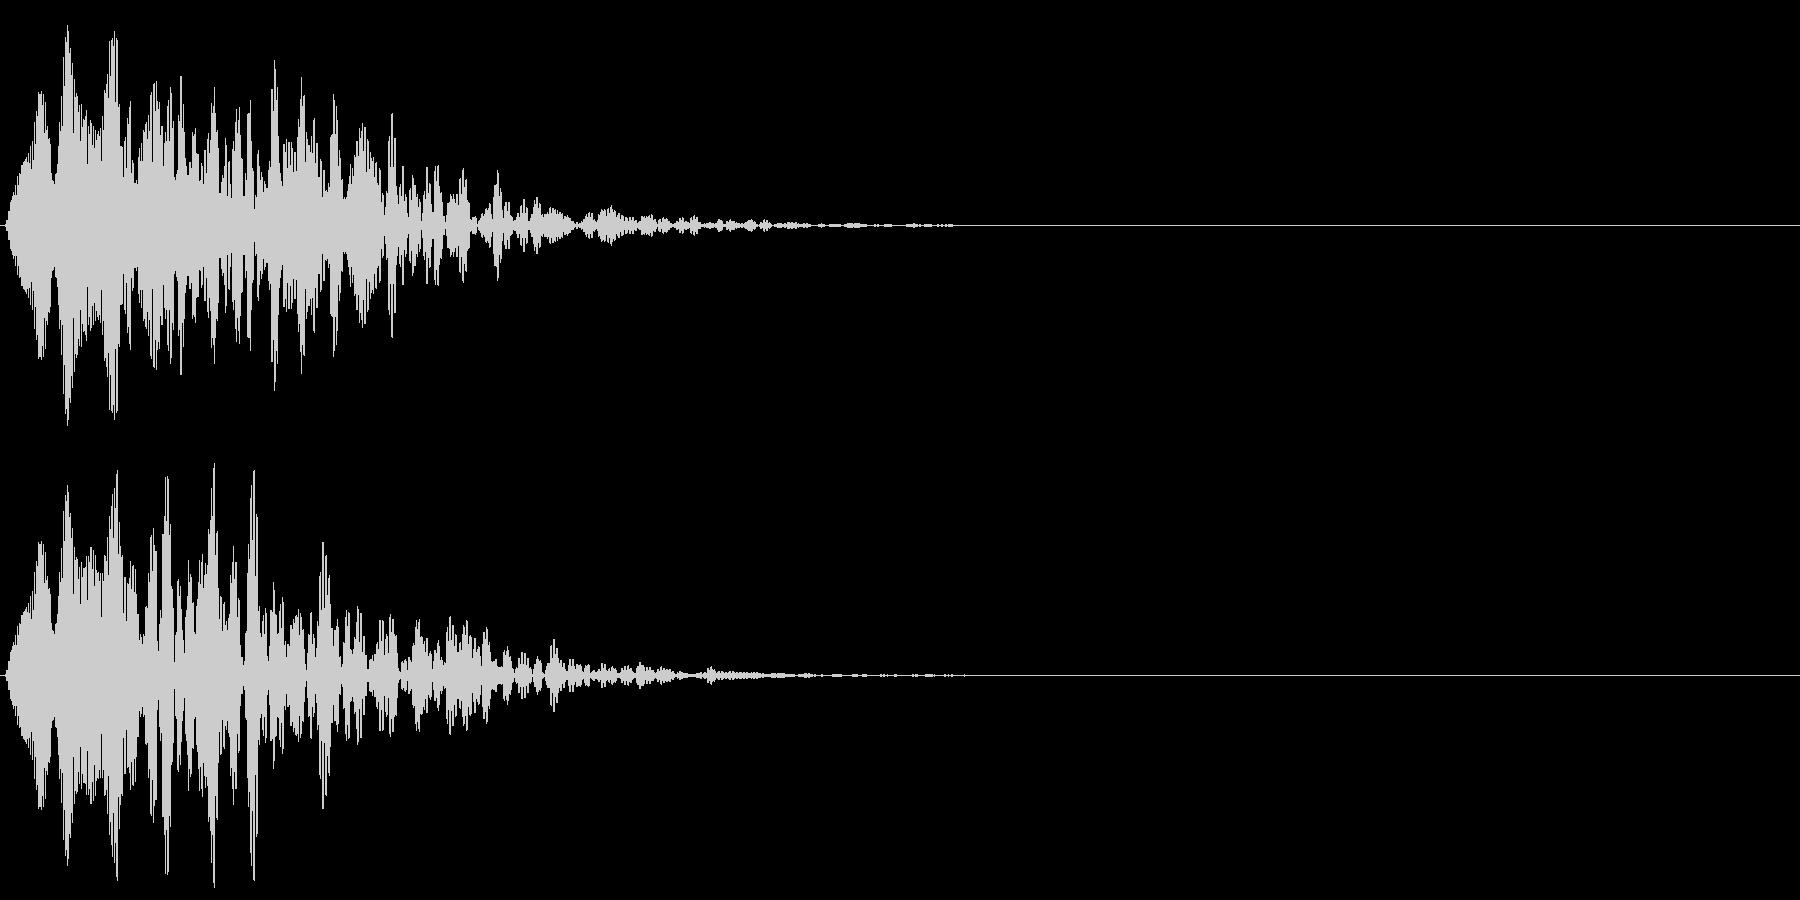 ヒュルルル(キャンセル音)の未再生の波形